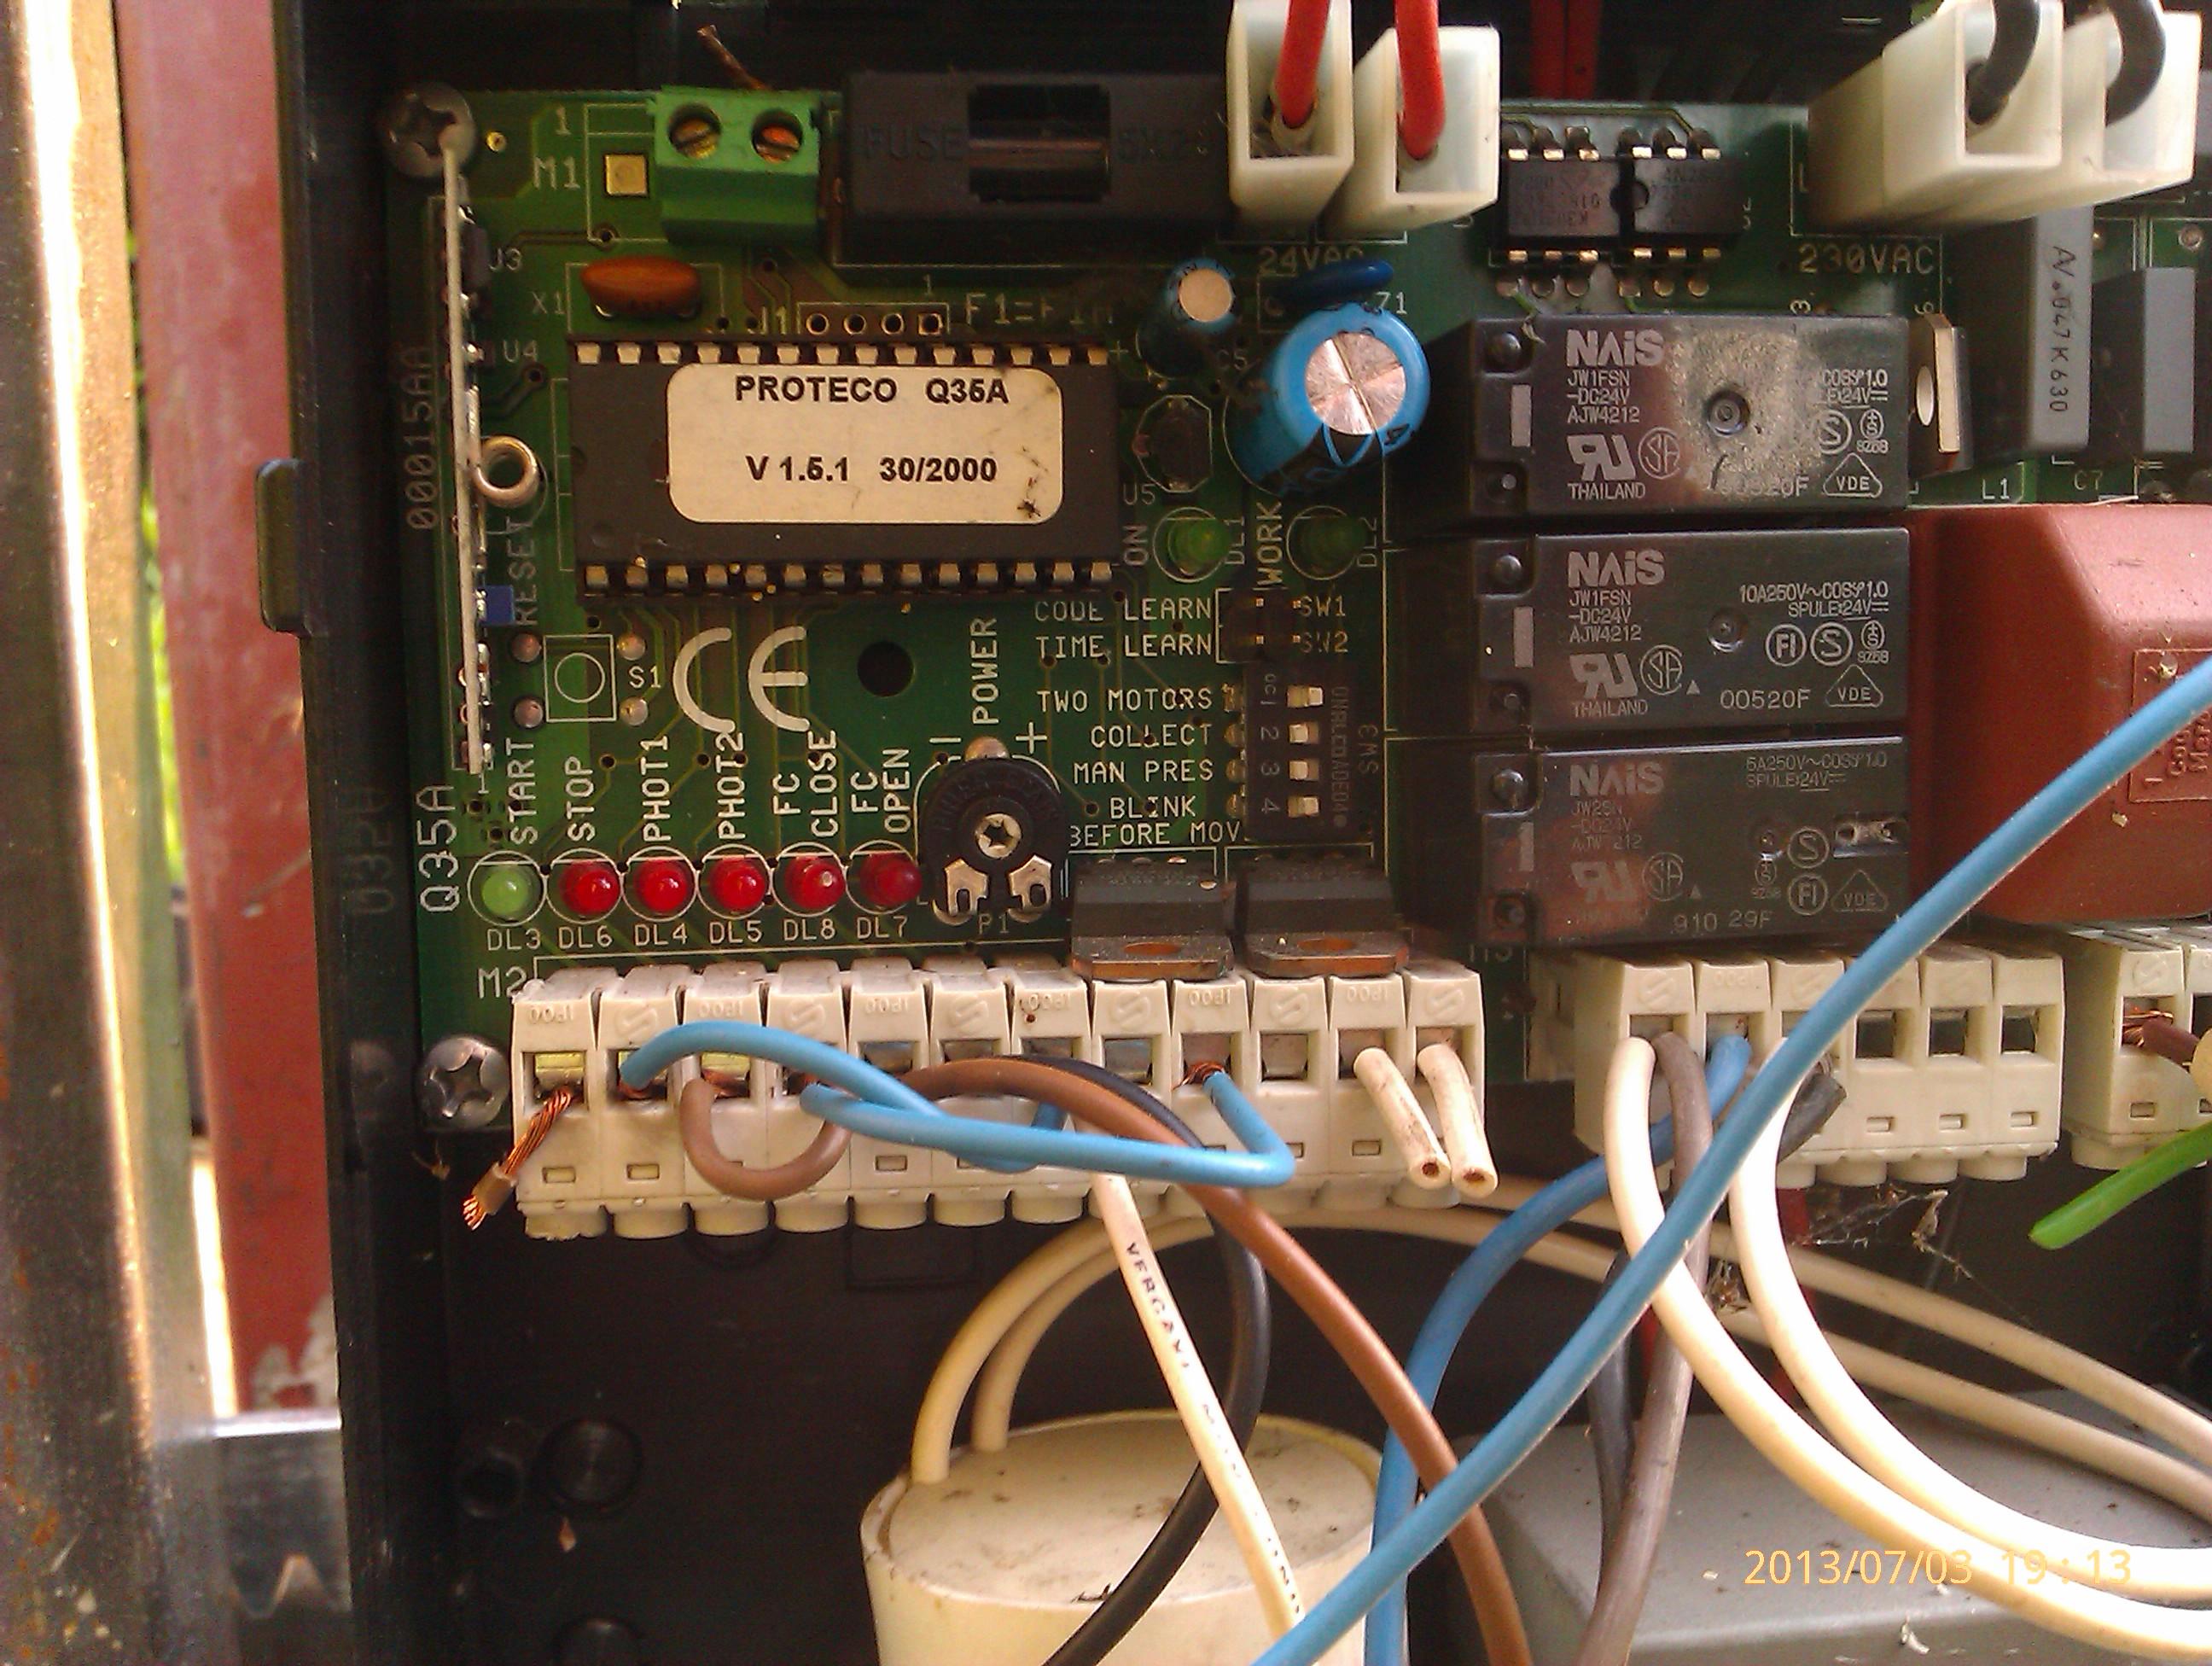 proteco mover 5 centralka Q35a programowanie czasu - szukam instrukcji